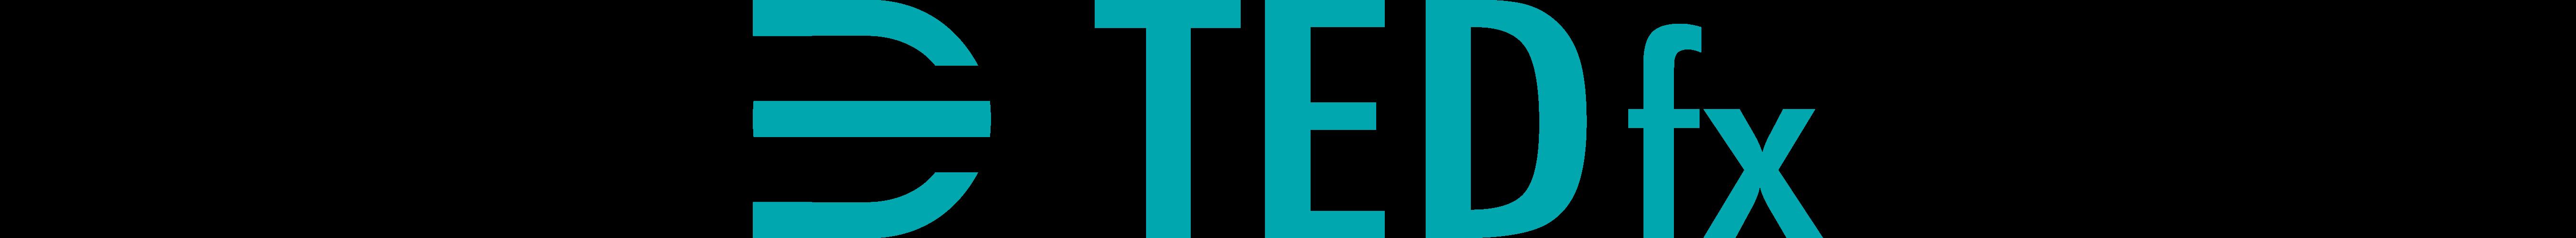 tedfx_title